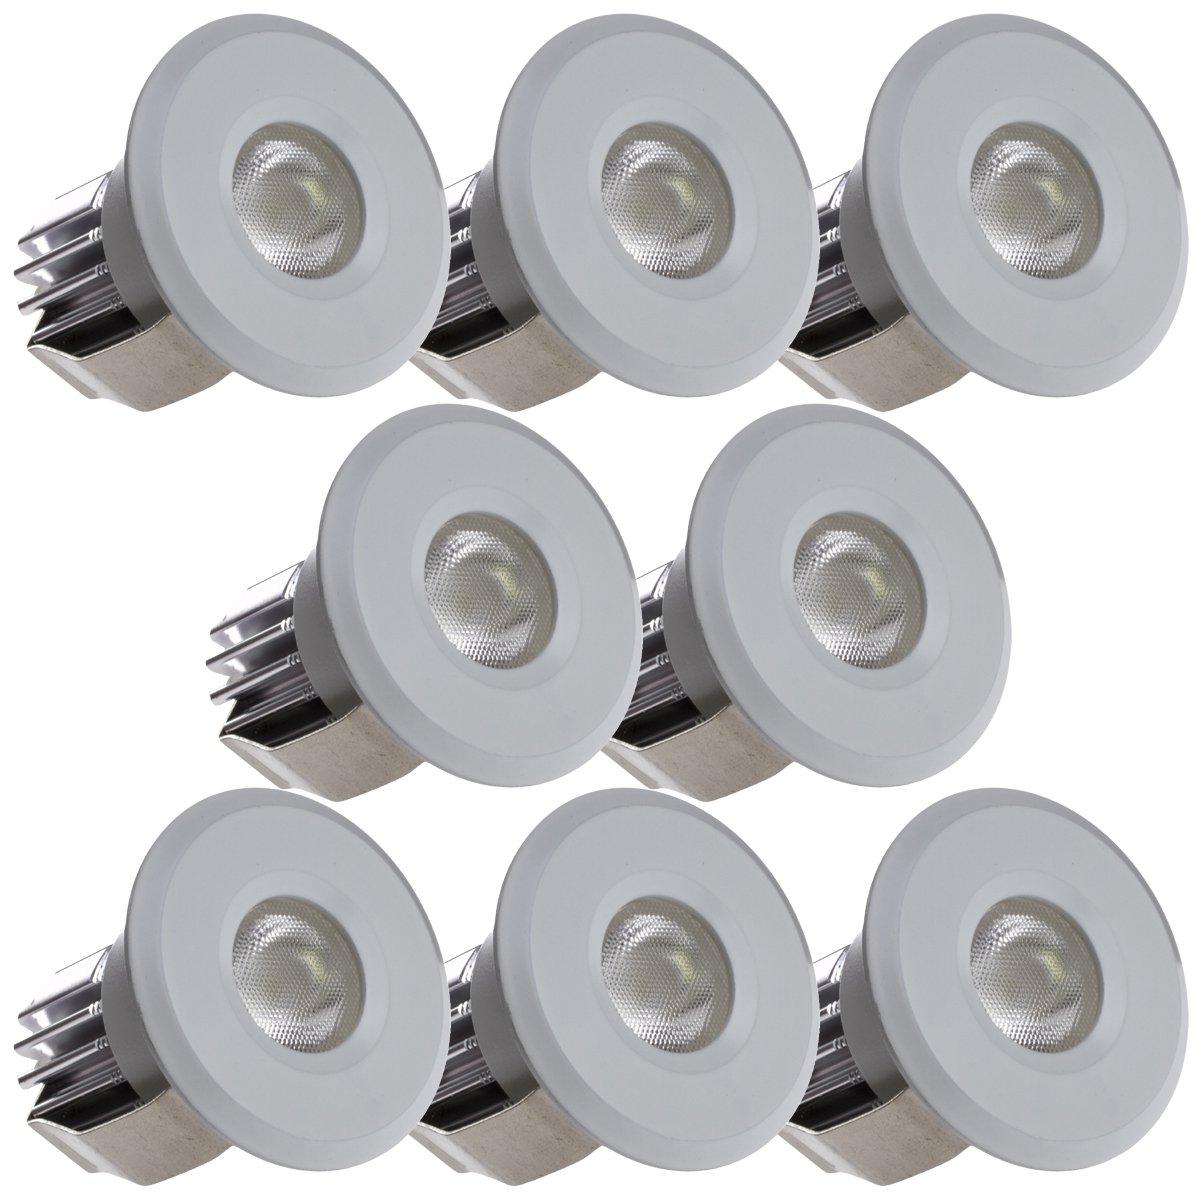 Sensati Kleine Miniatur LED Einbauleuchte Downlight Spot Set zu 8 Stück, dimmbar, 1200 lm, inklusive Treiber, Gehäusefarbe weiß, warmweiß T102 8 WW W